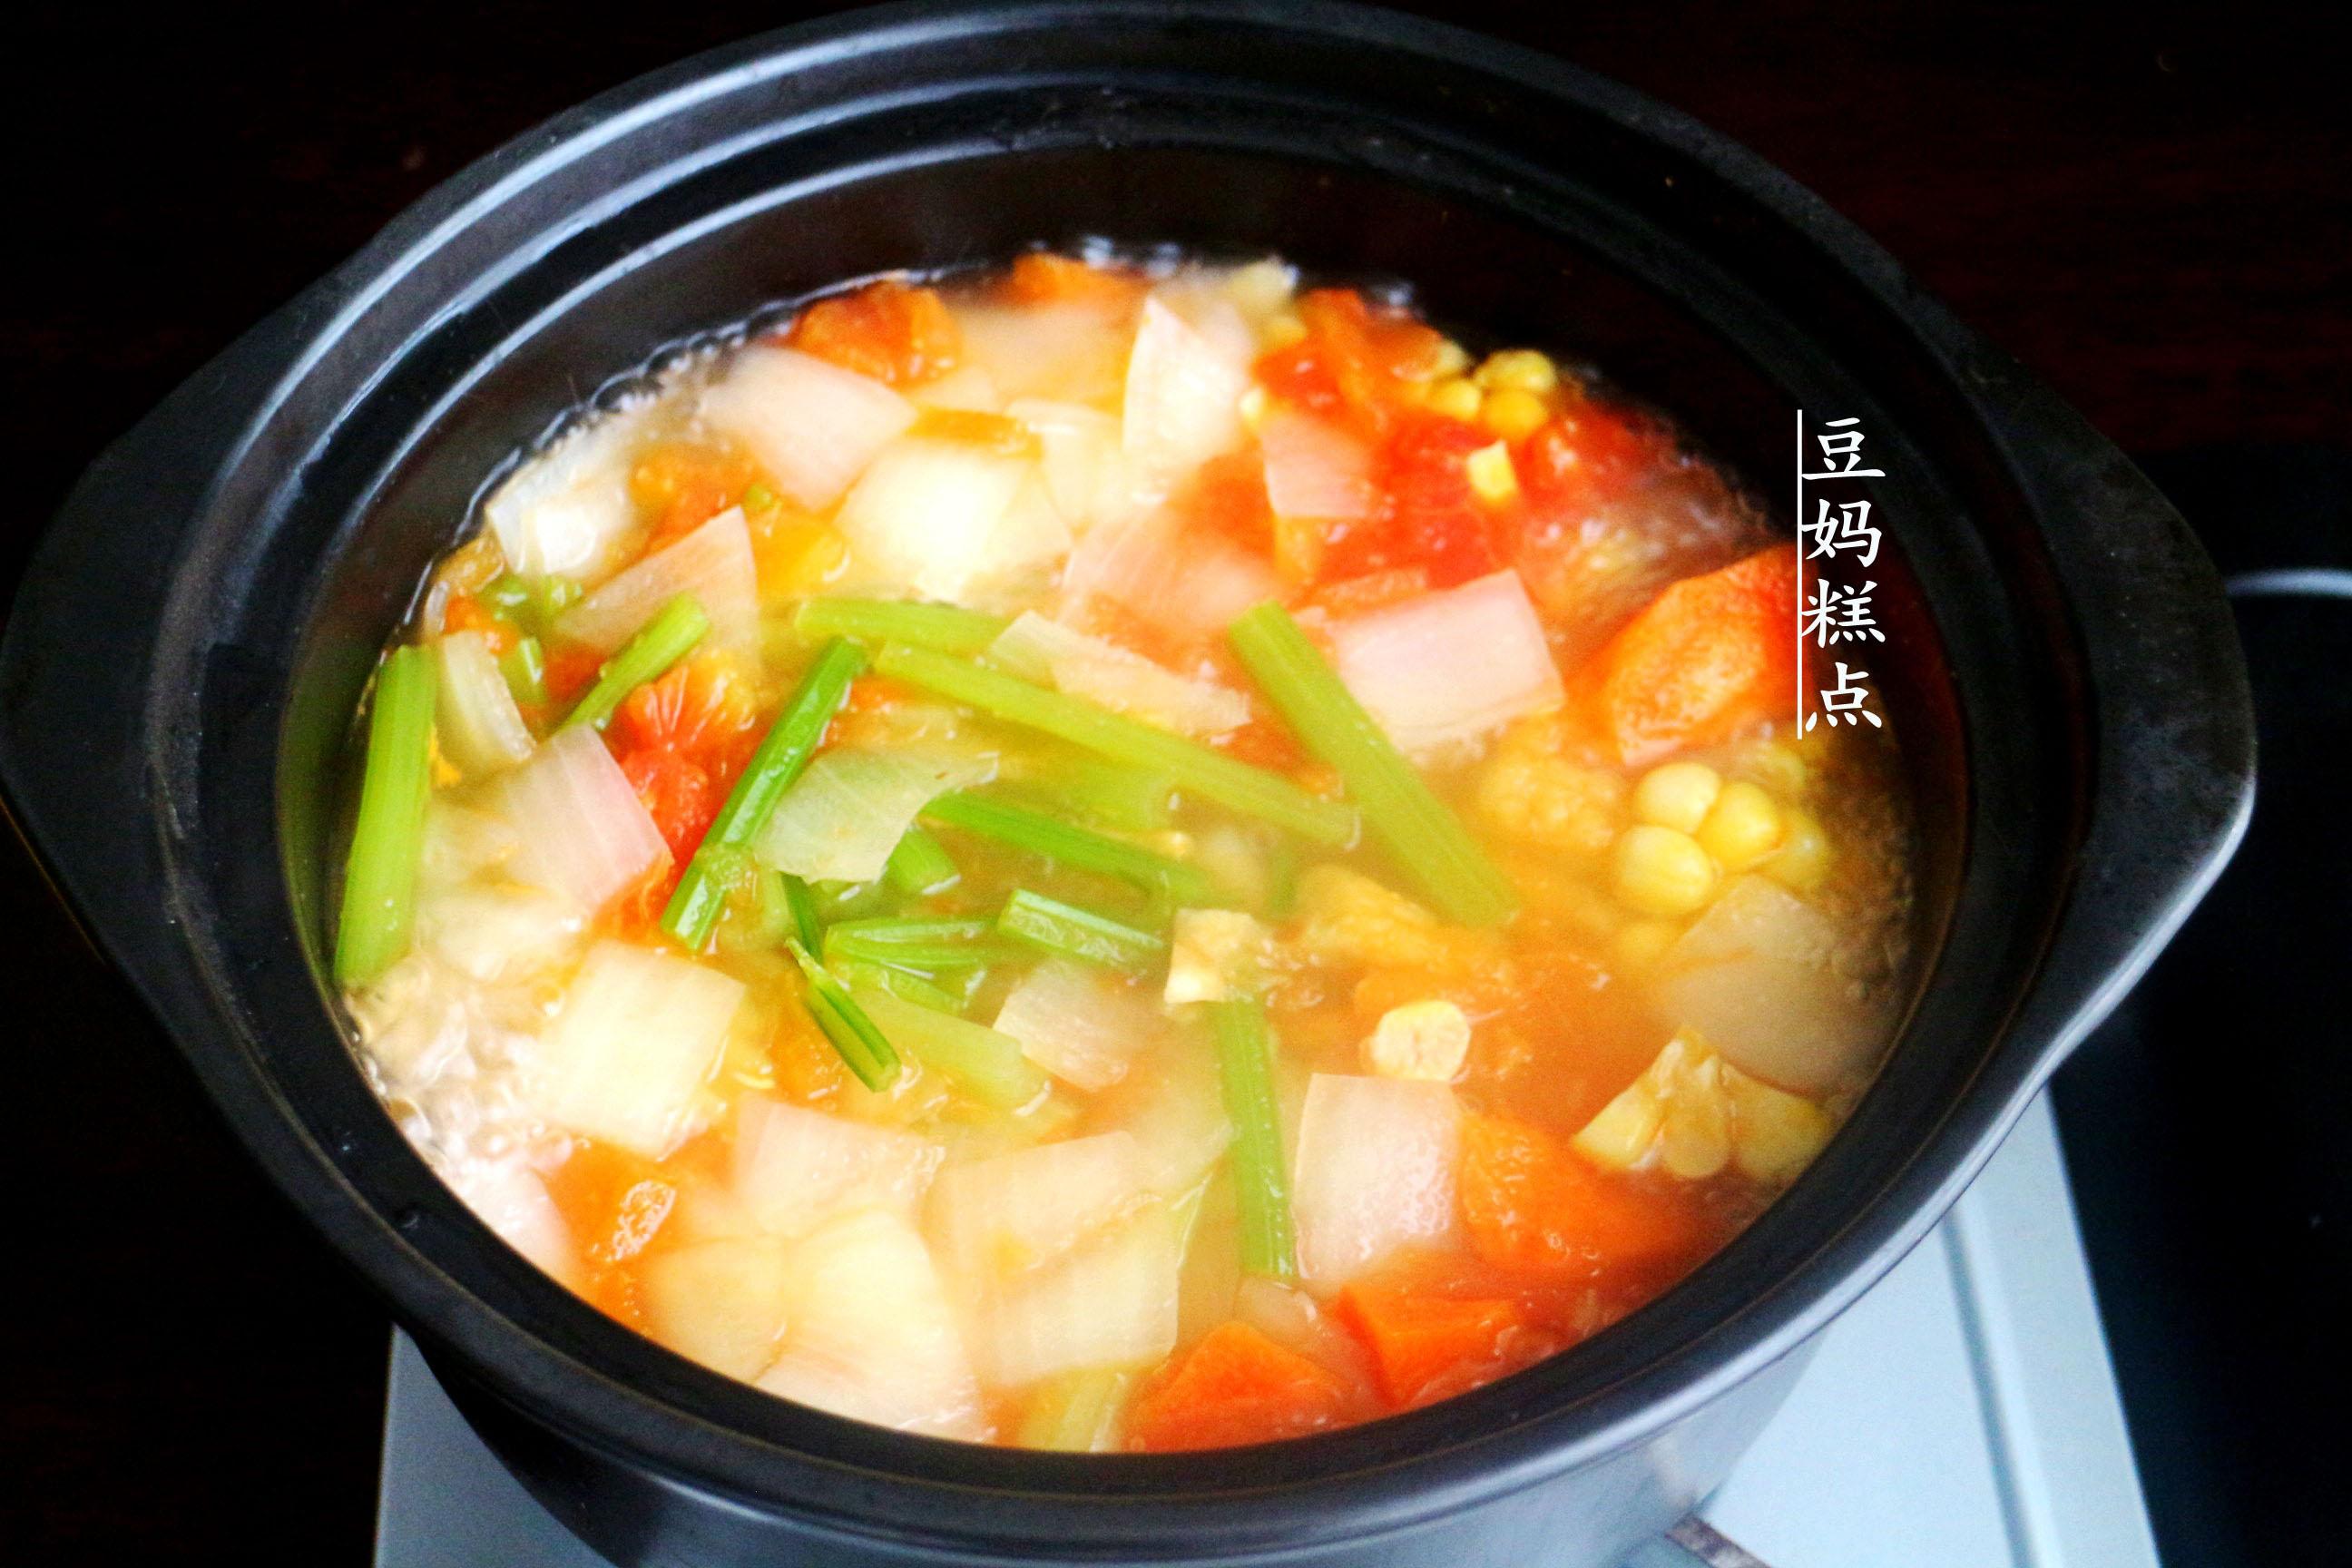 学做瘦身蔬菜汤,健康瘦身,营养不缺 减肥菜谱 第6张